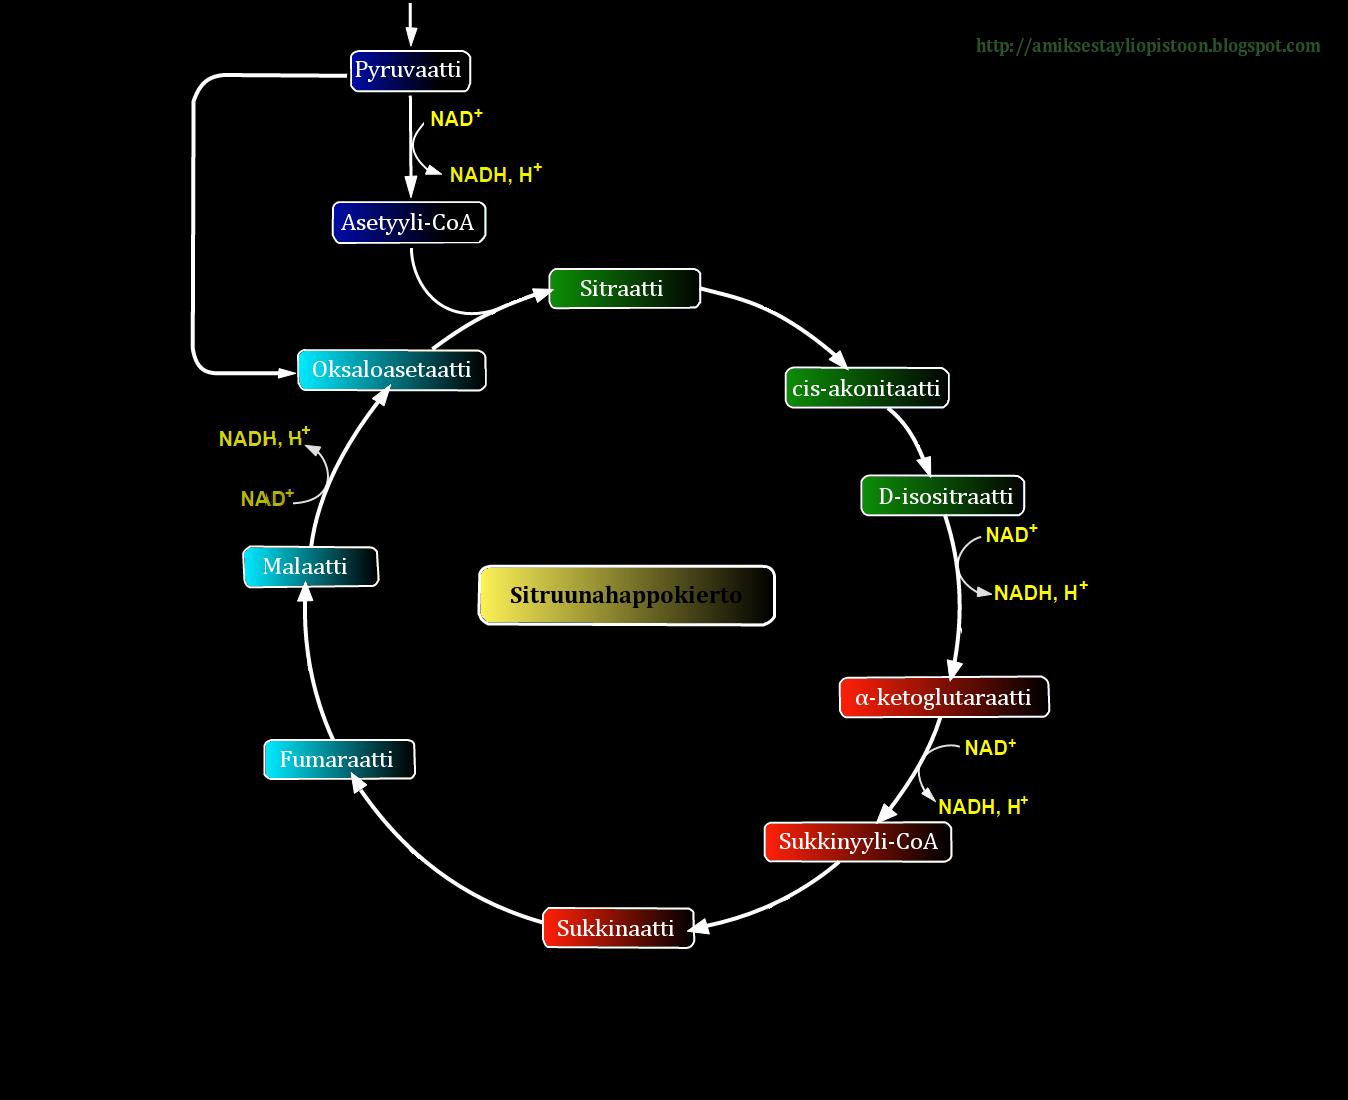 Adenosiinidifosfaatti